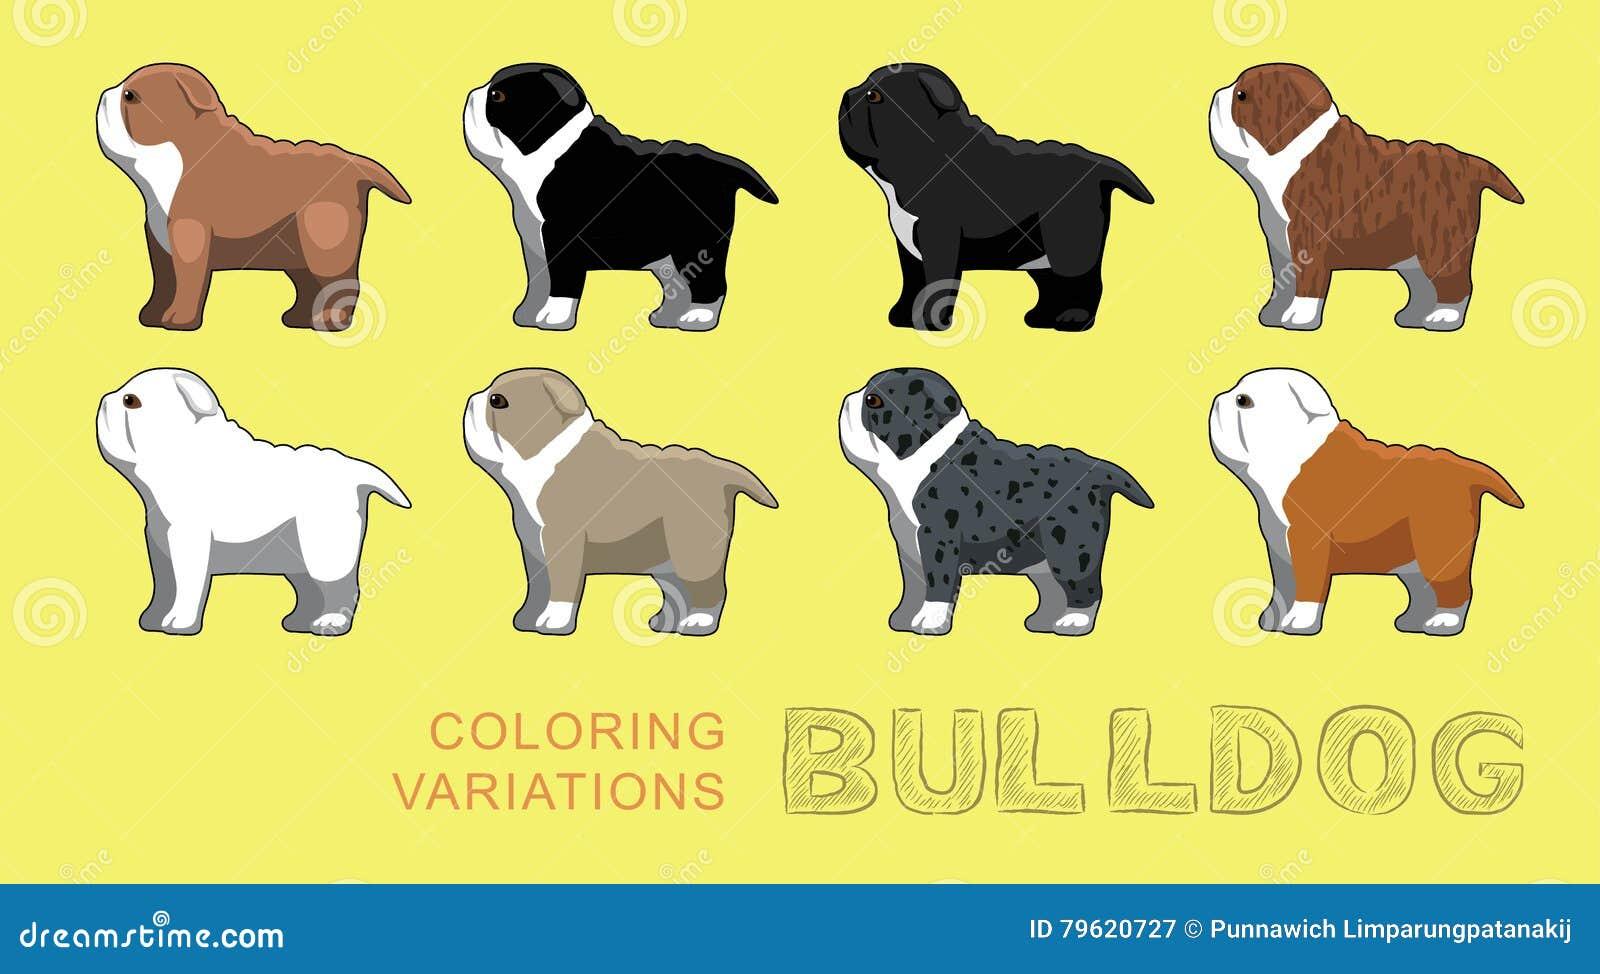 Ilustração do vetor das variações da coloração do buldogue do cão